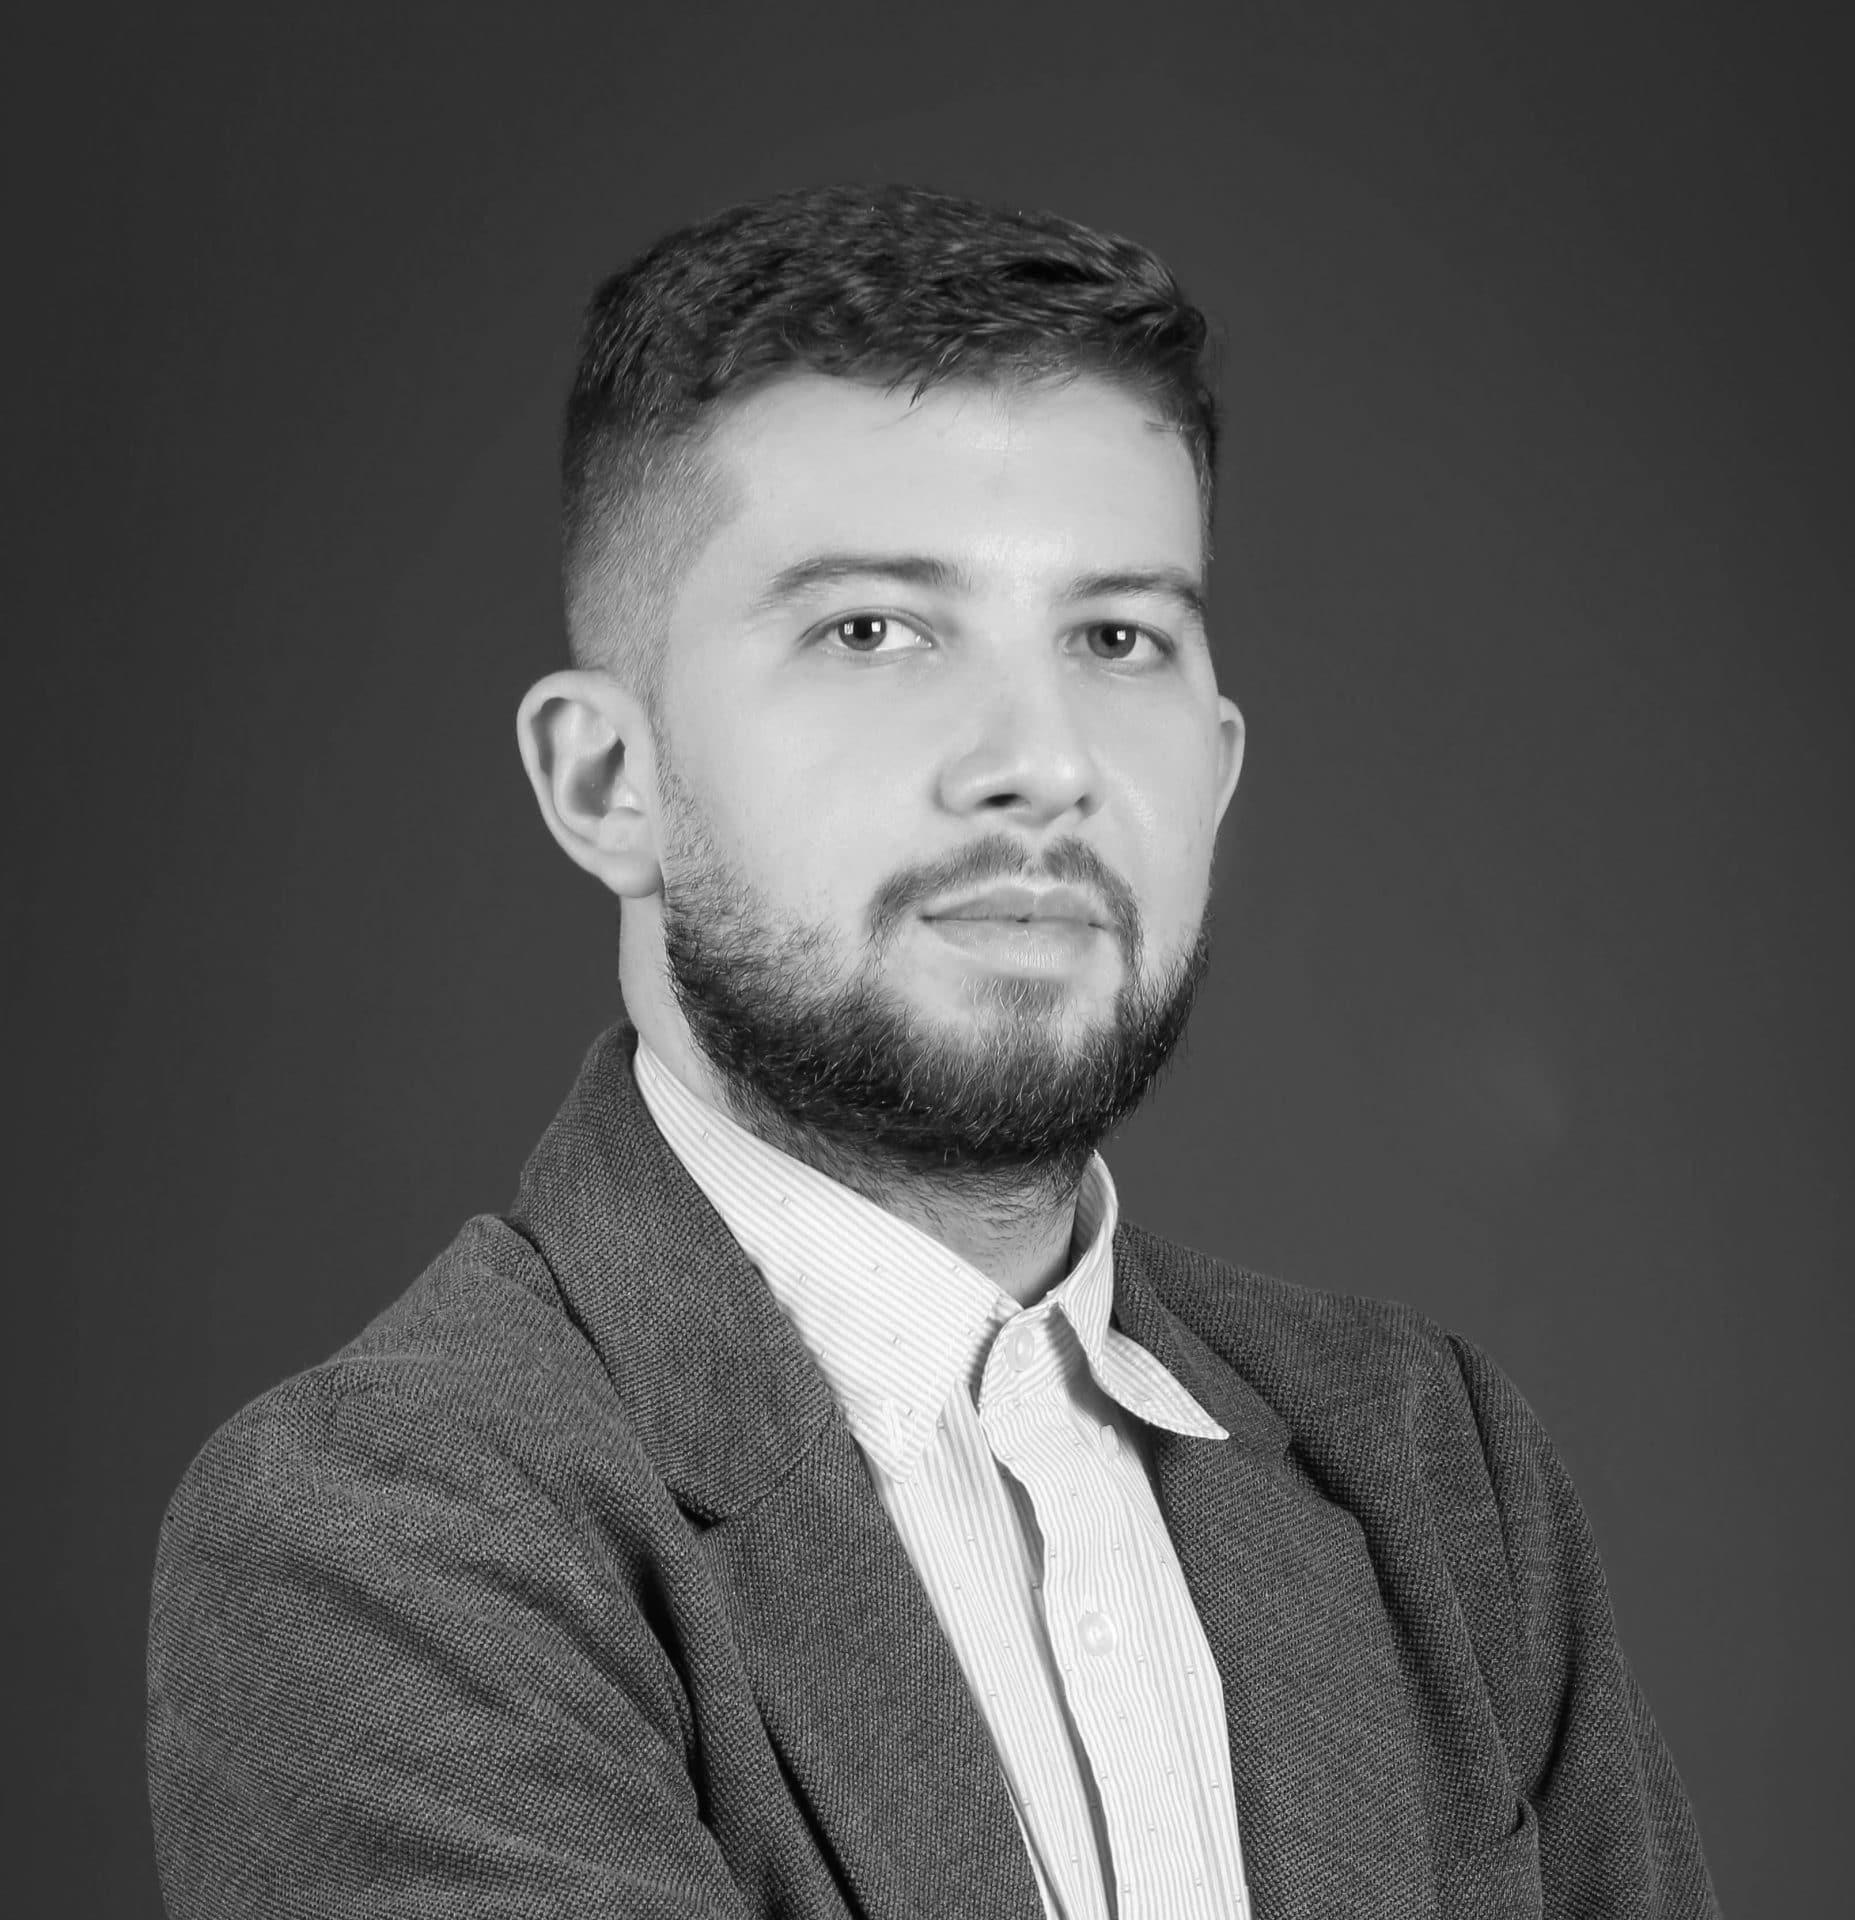 Brahim Safar-Remali